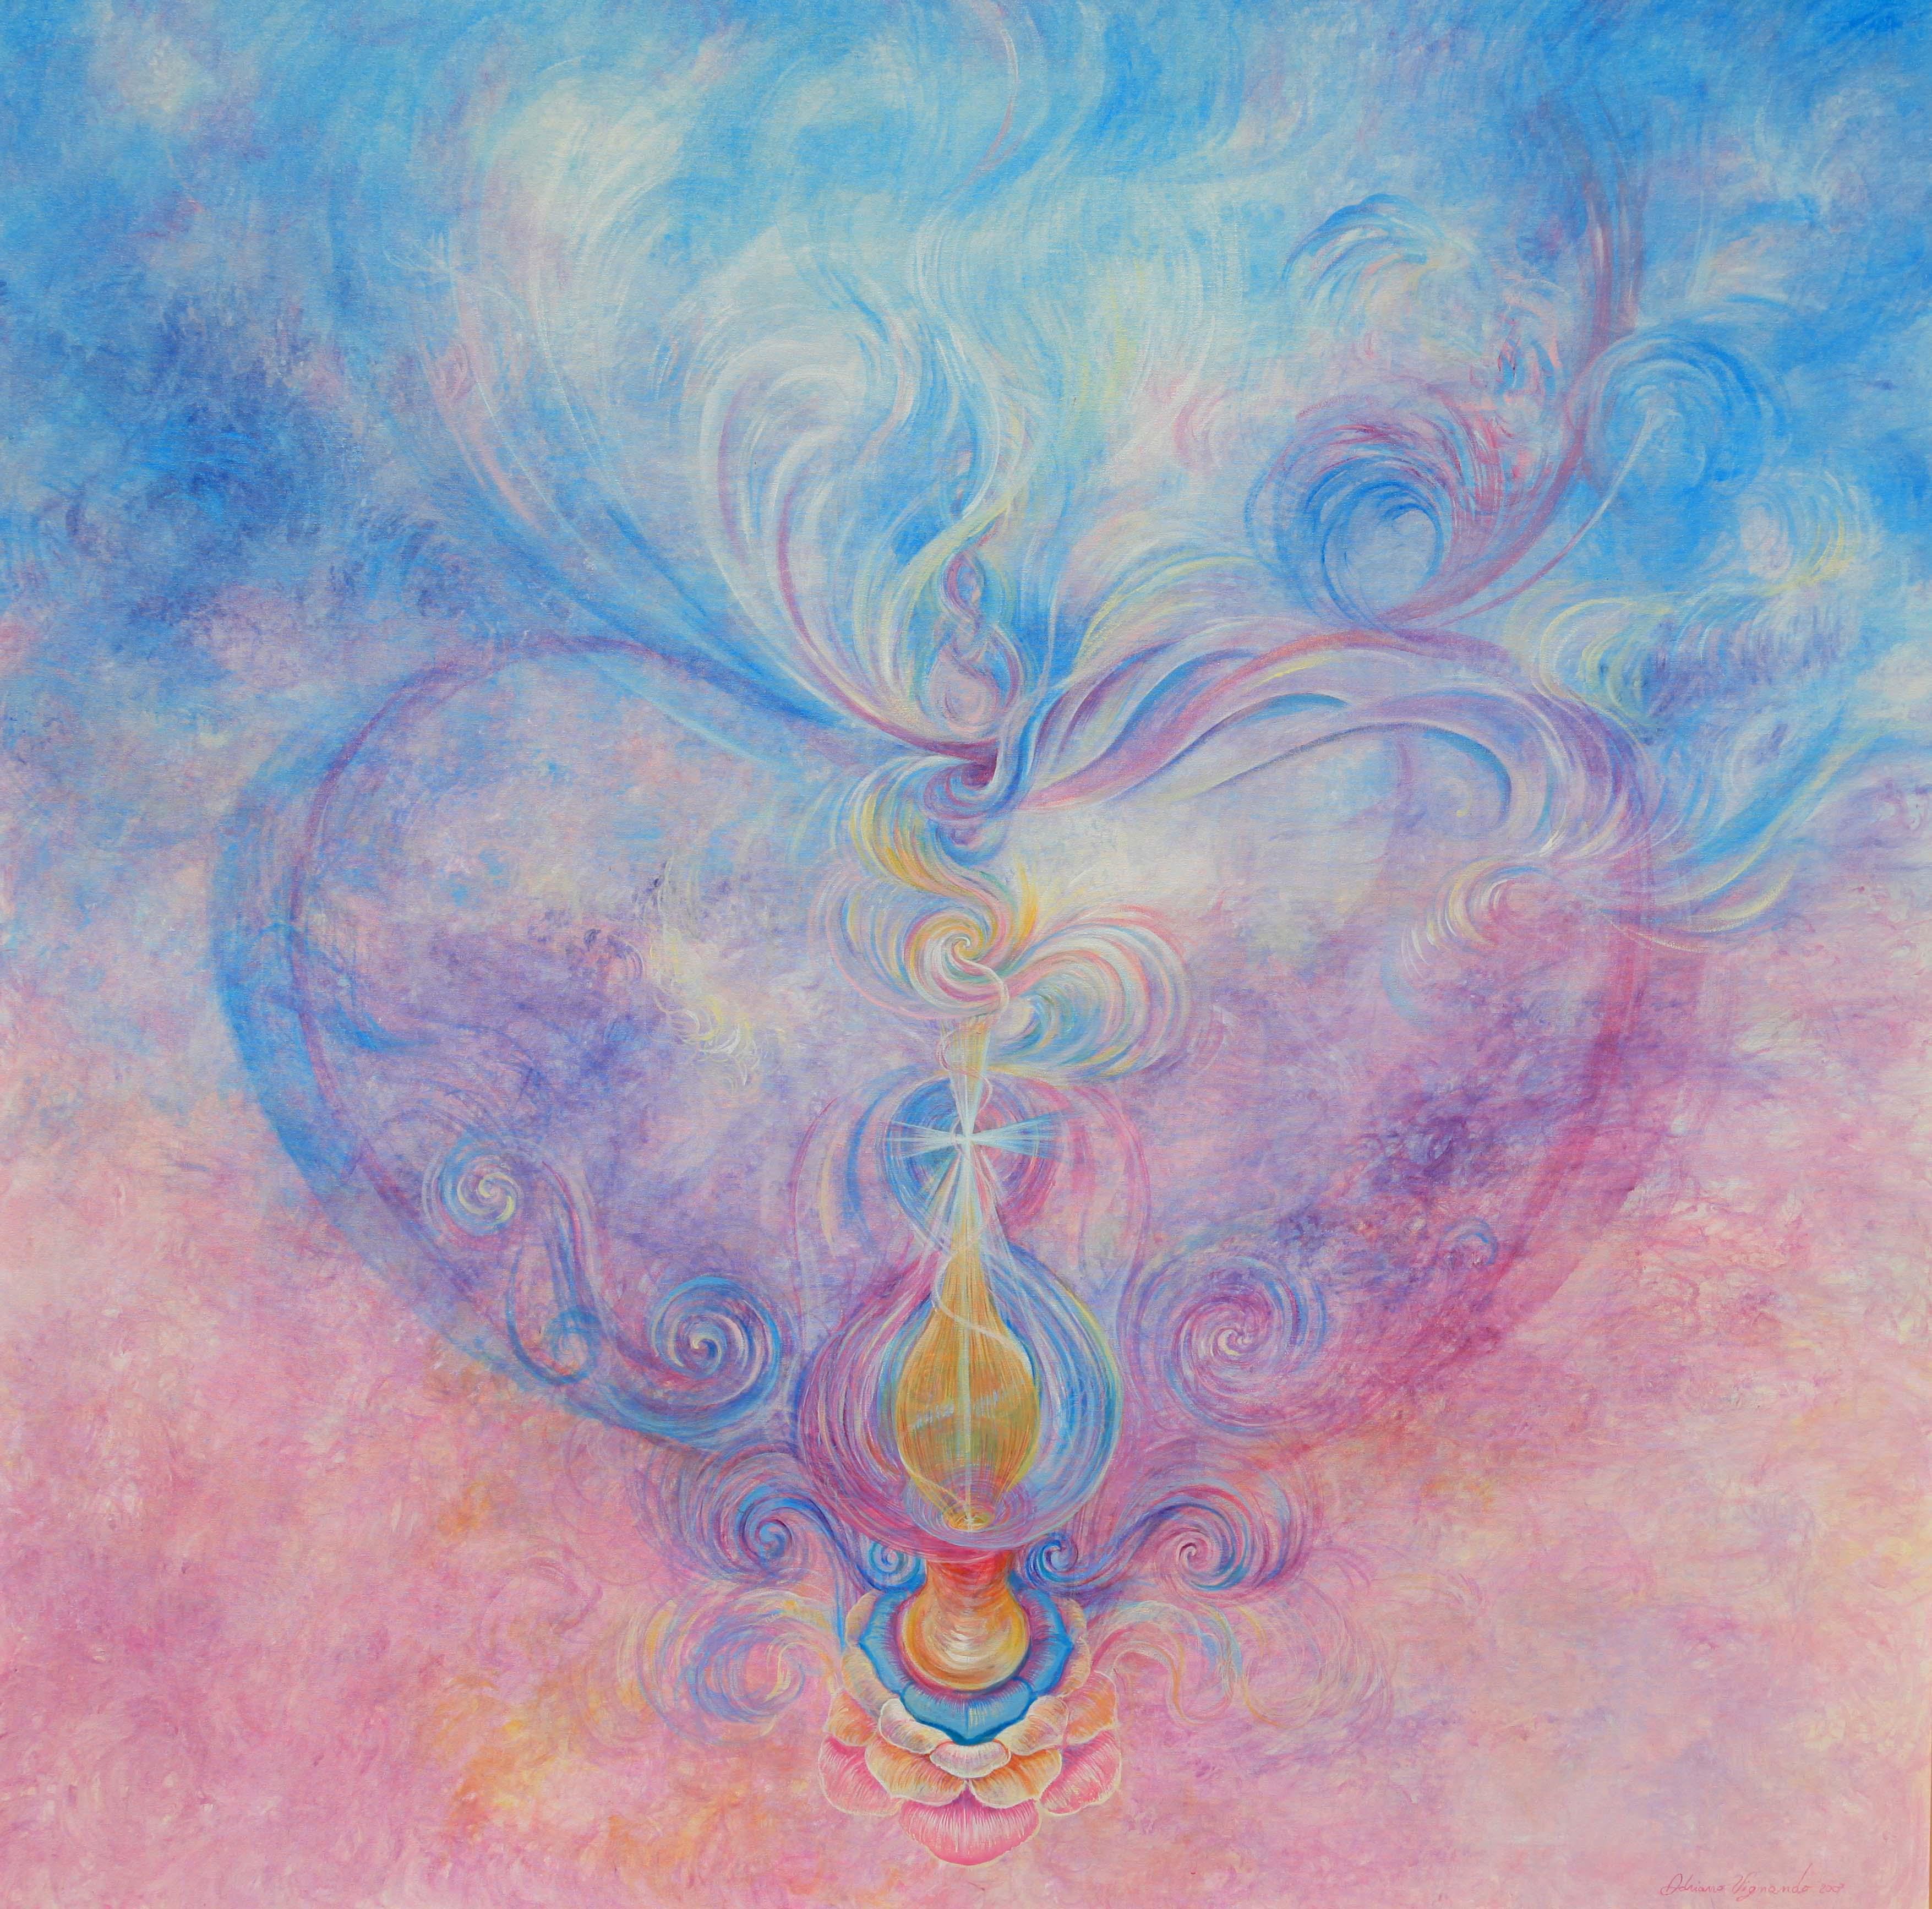 Il cuore racchiude il mistero della vita